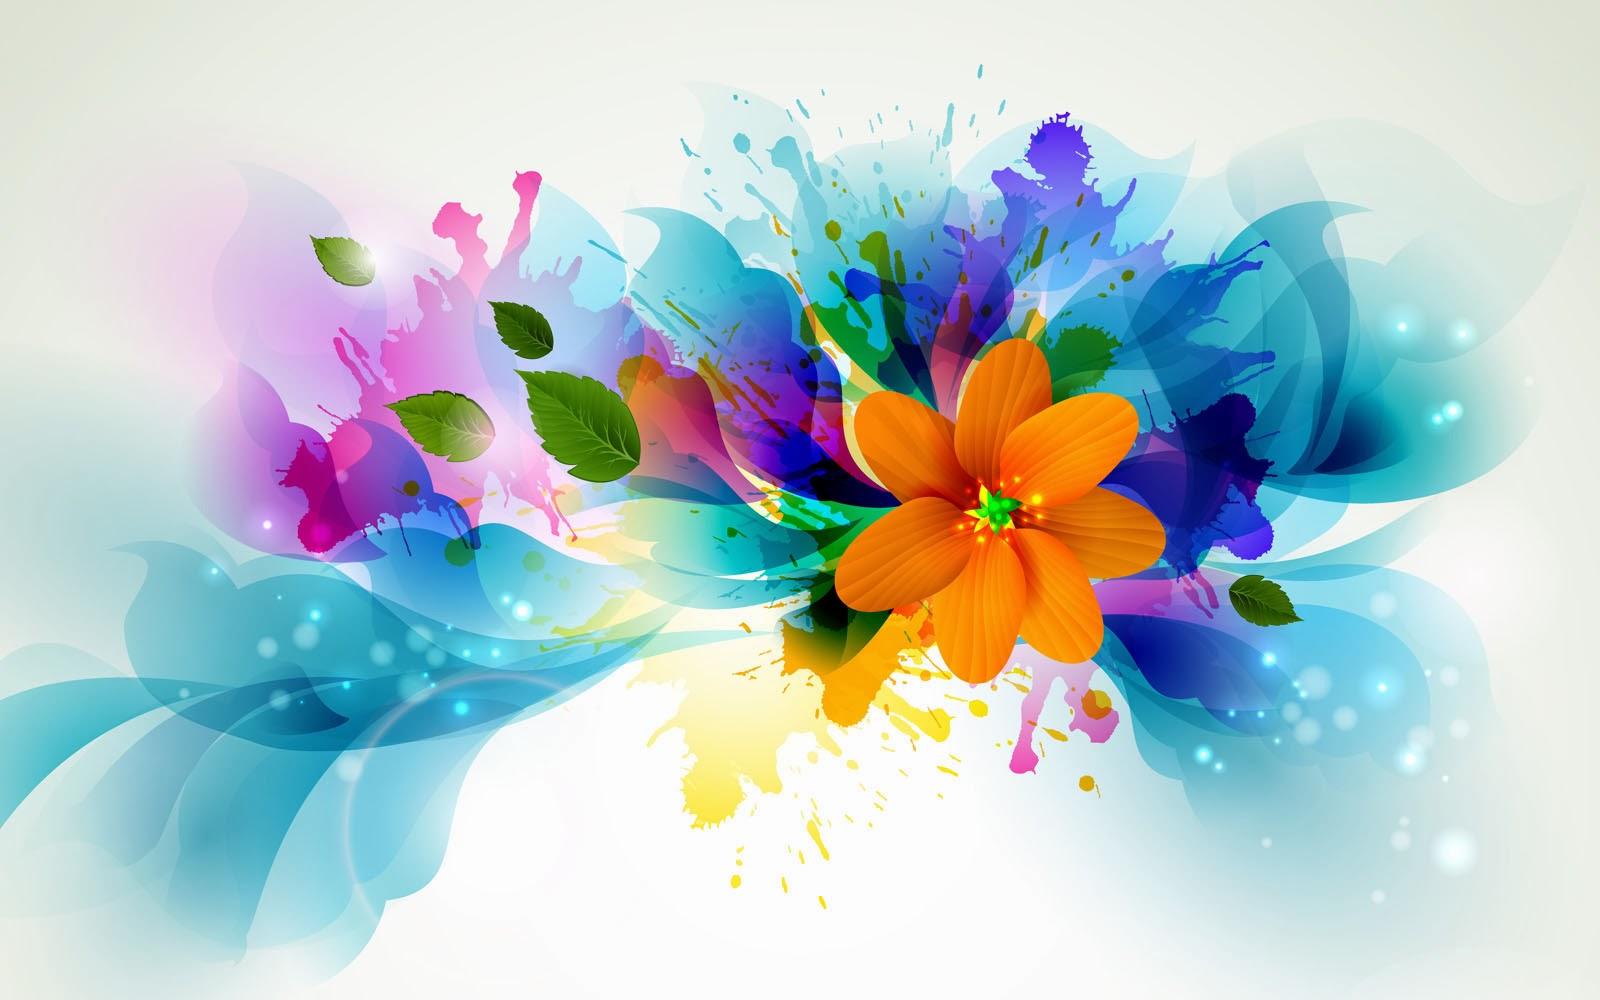 3D Flowers Wallpapers   Top Wallpaper Desktop 1600x1000